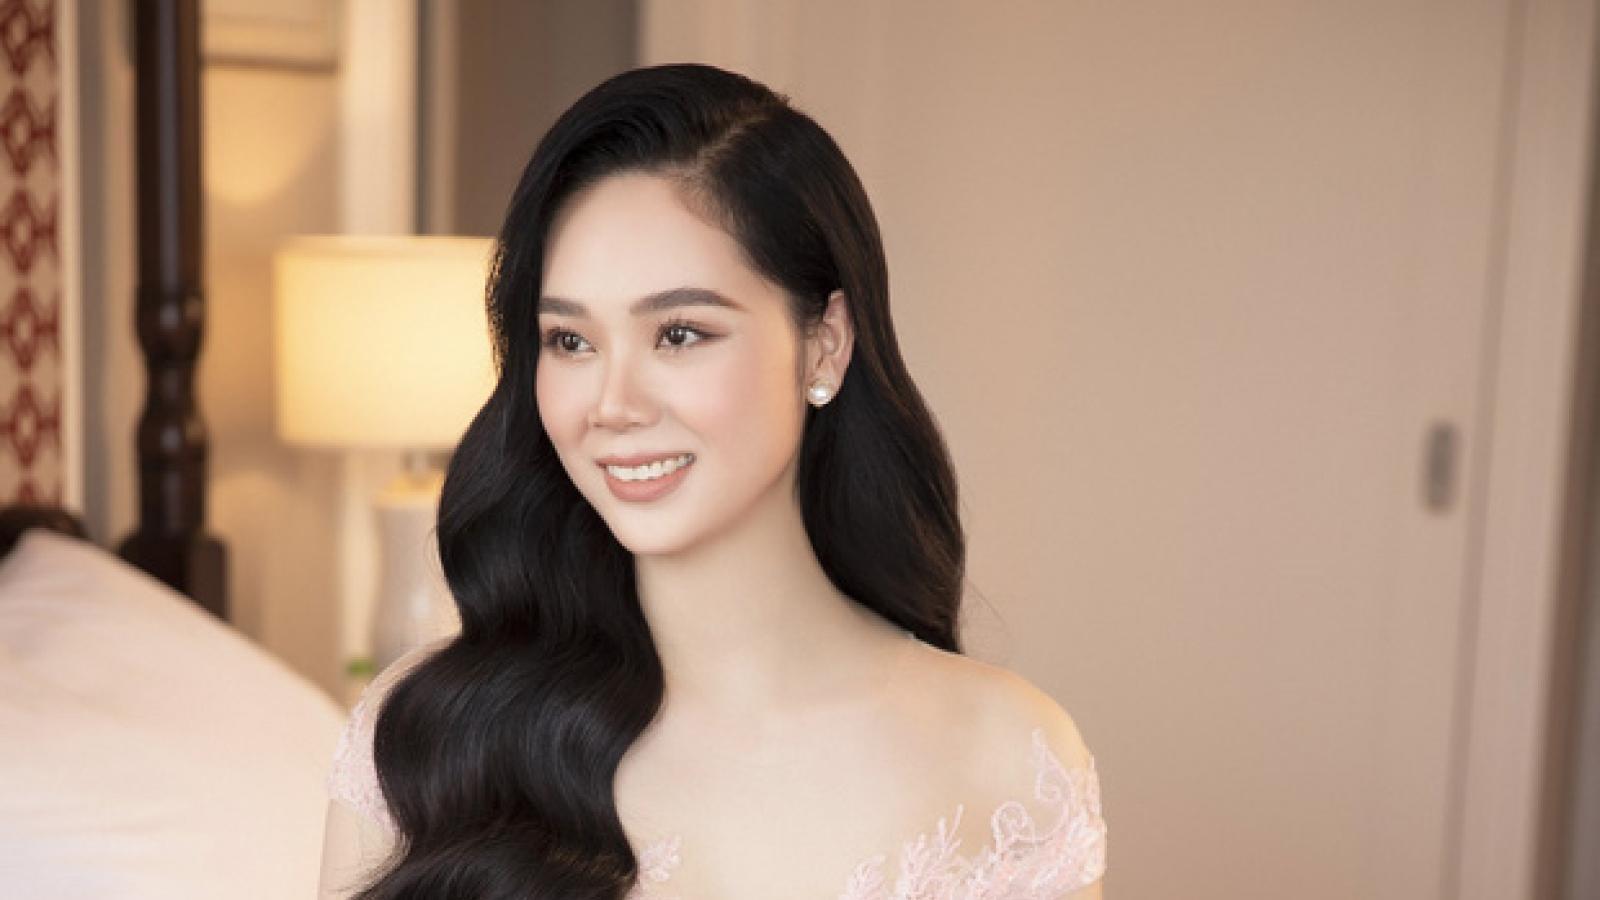 Chuyện showbiz: Hoa hậu Mai Phương tái xuất xinh đẹp sau 18 năm đăng quang